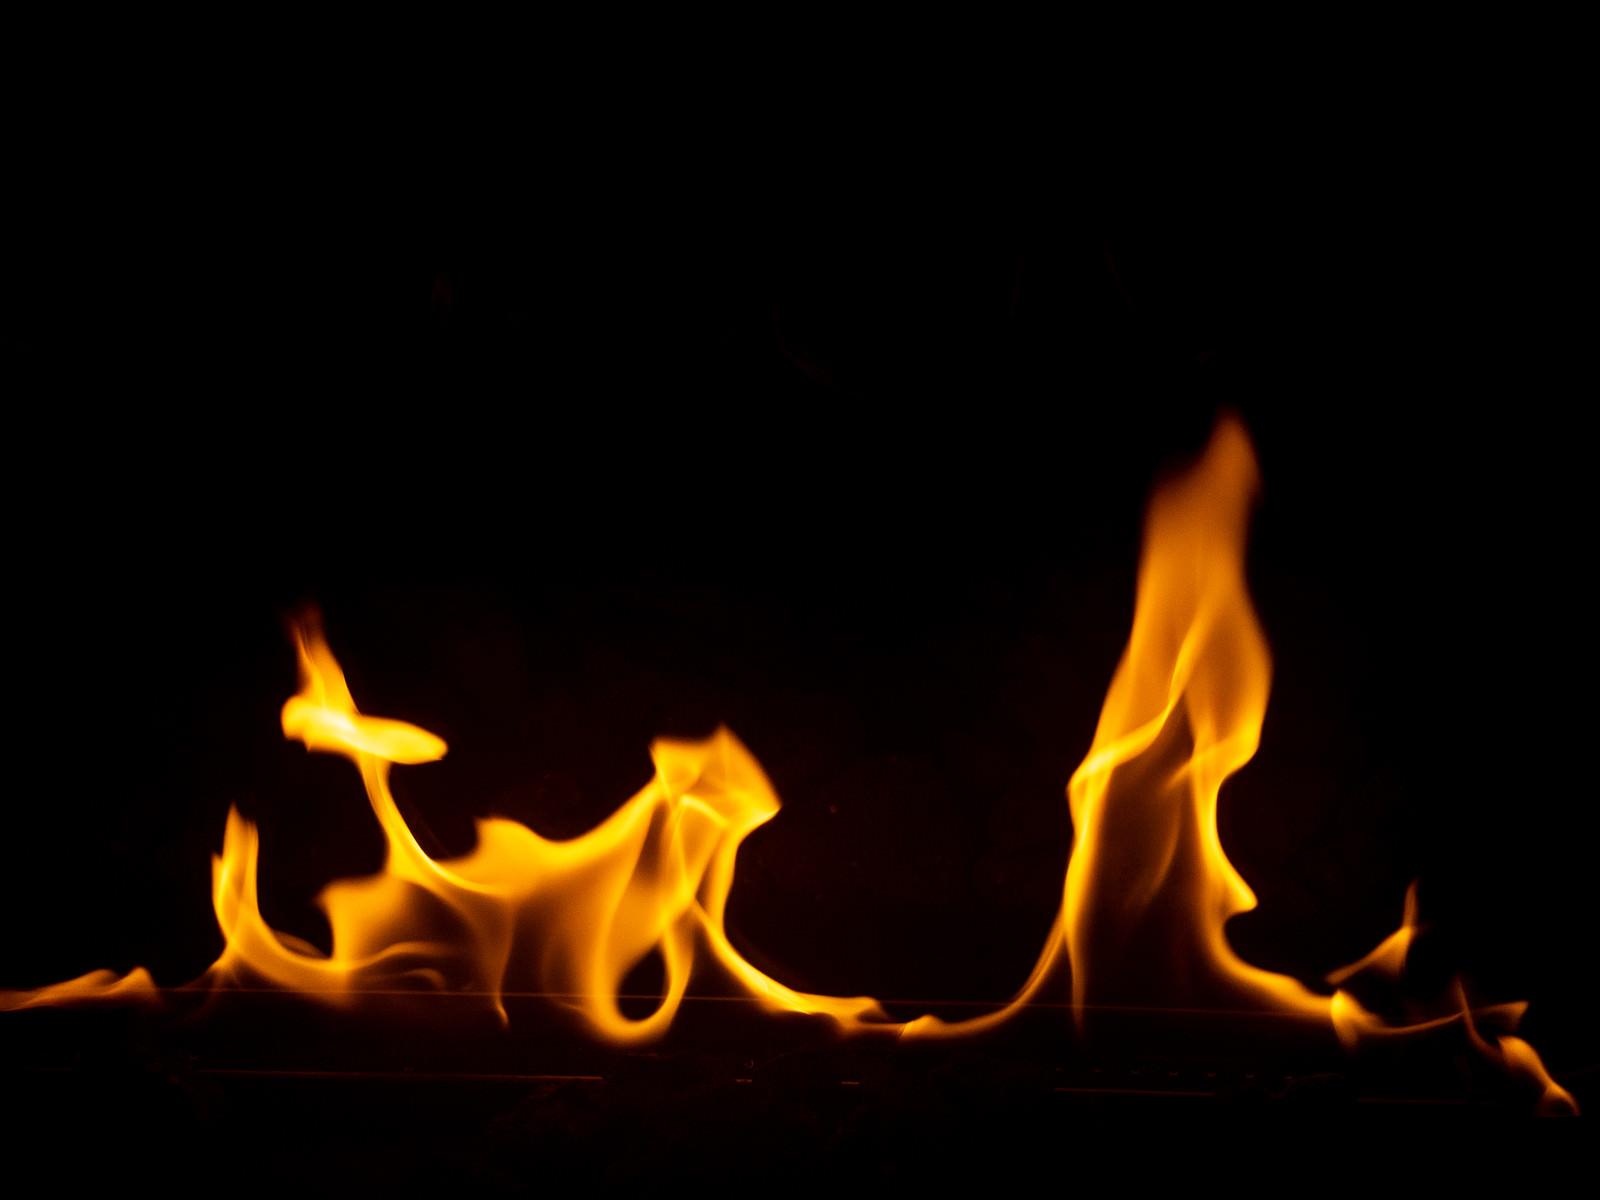 「揺らめく炎」の写真